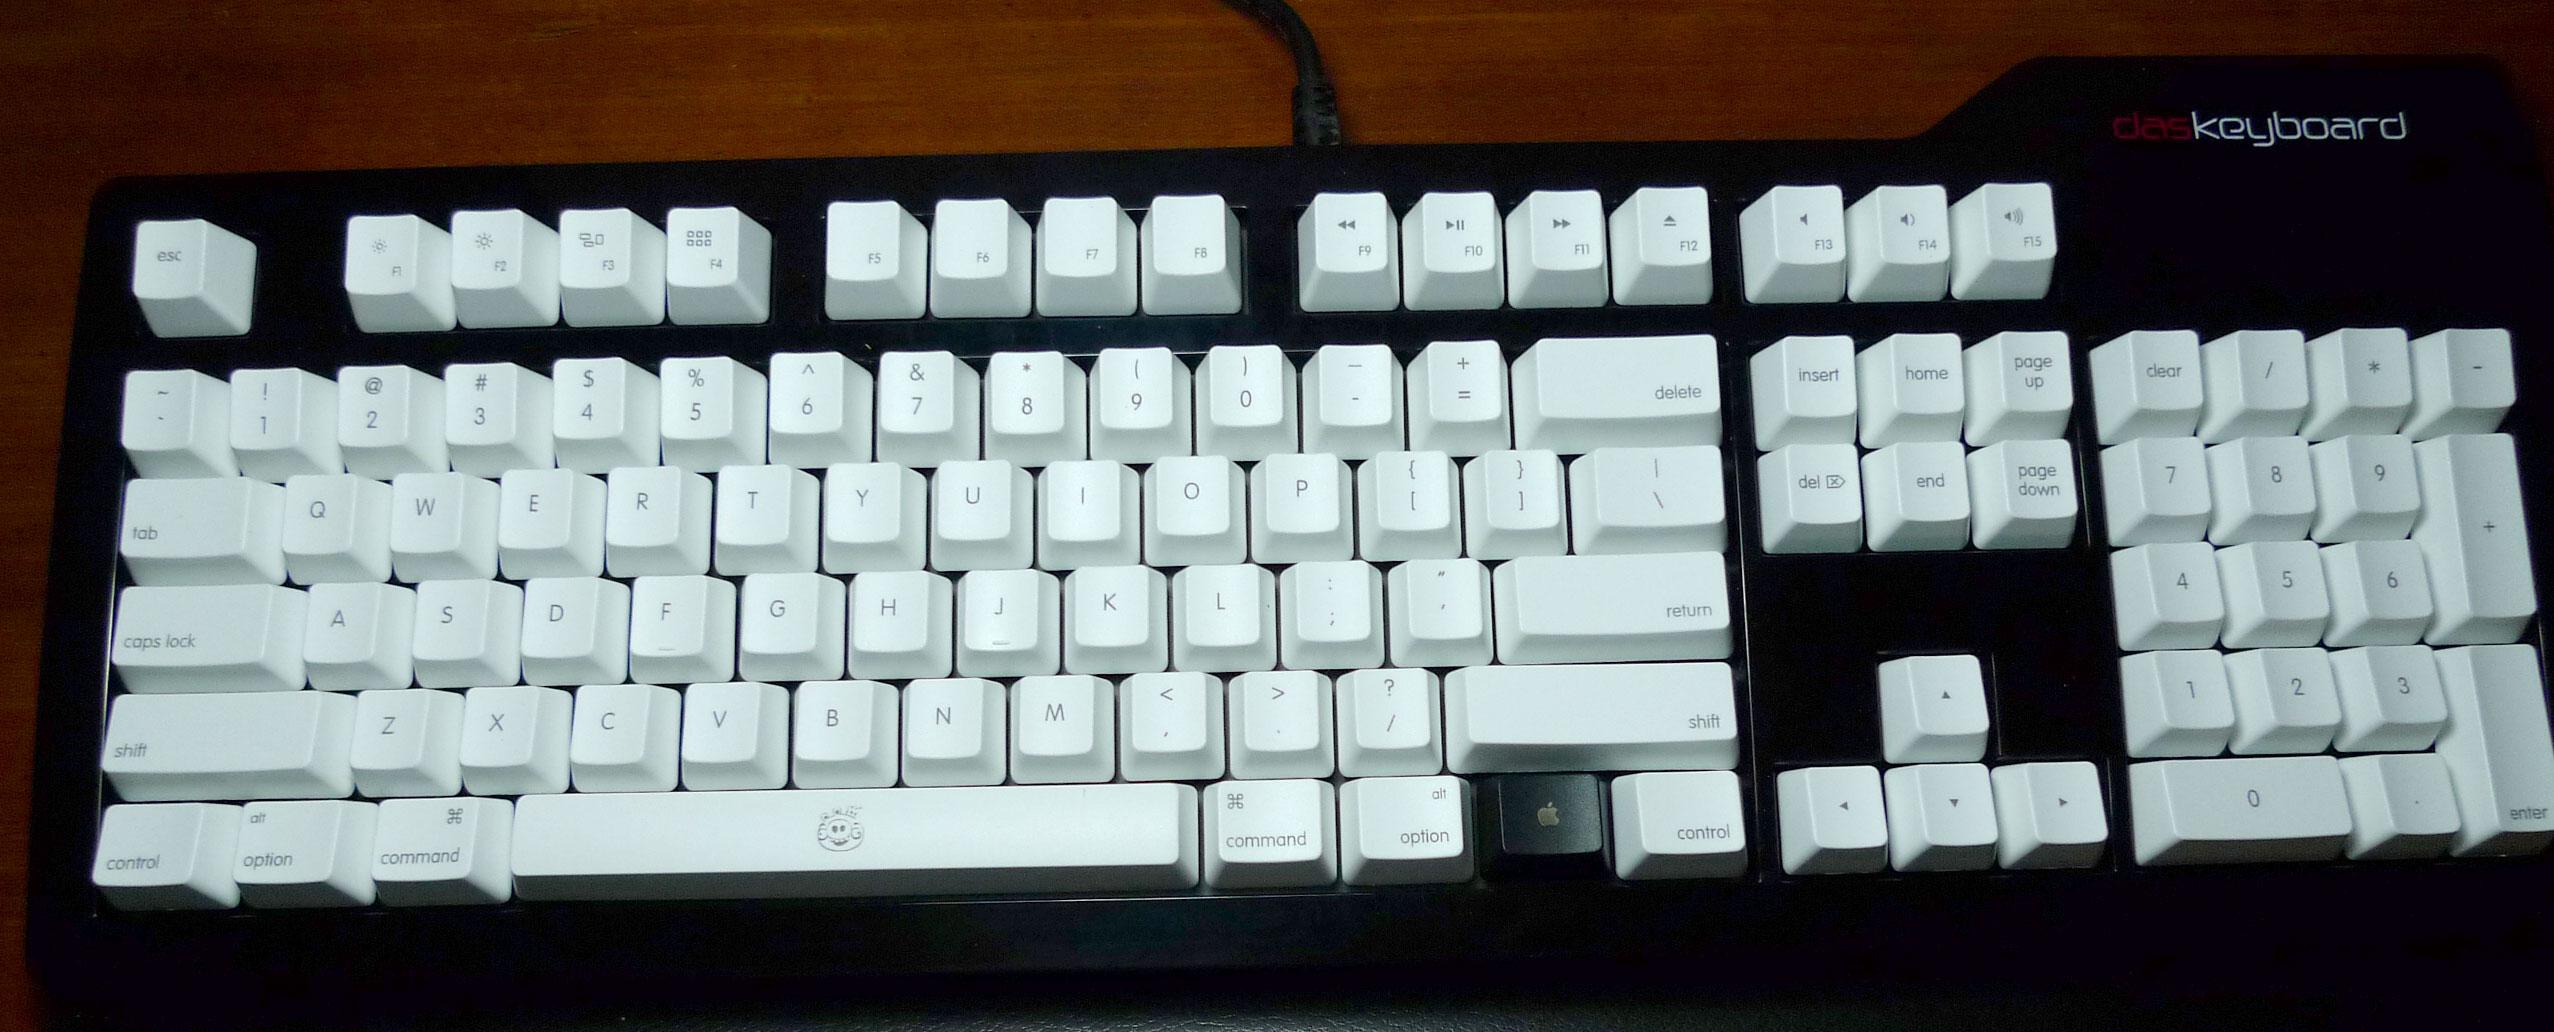 1-keyboard_whole Mac Mapping on